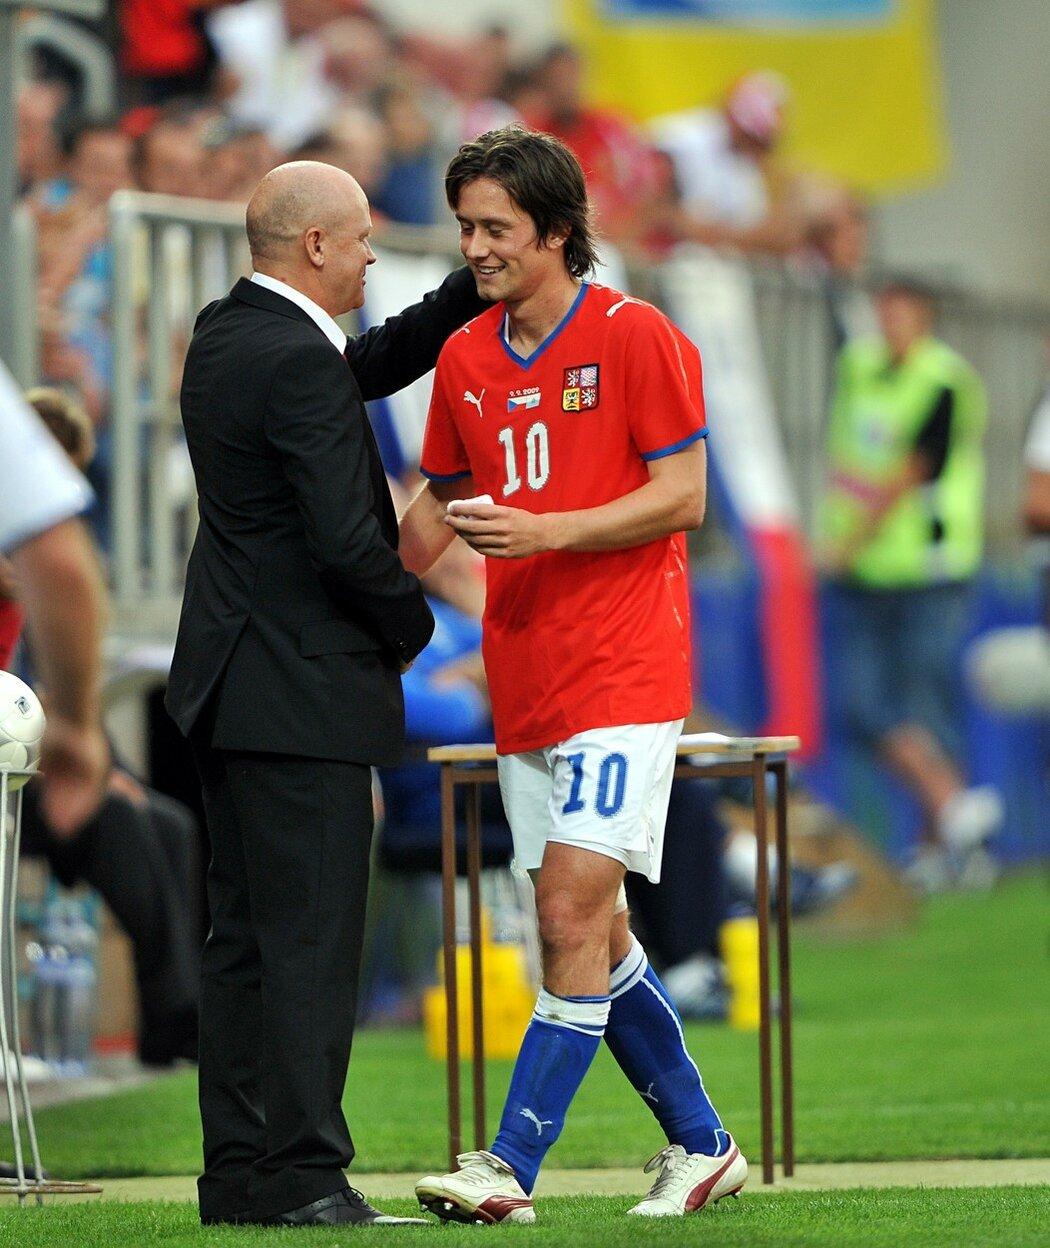 2009 - Kouč reprezentace Ivan Hašek děkuje Tomáši Rosickému při střídání v kvalifikačním zápase o MS 2010 proti San Marinu